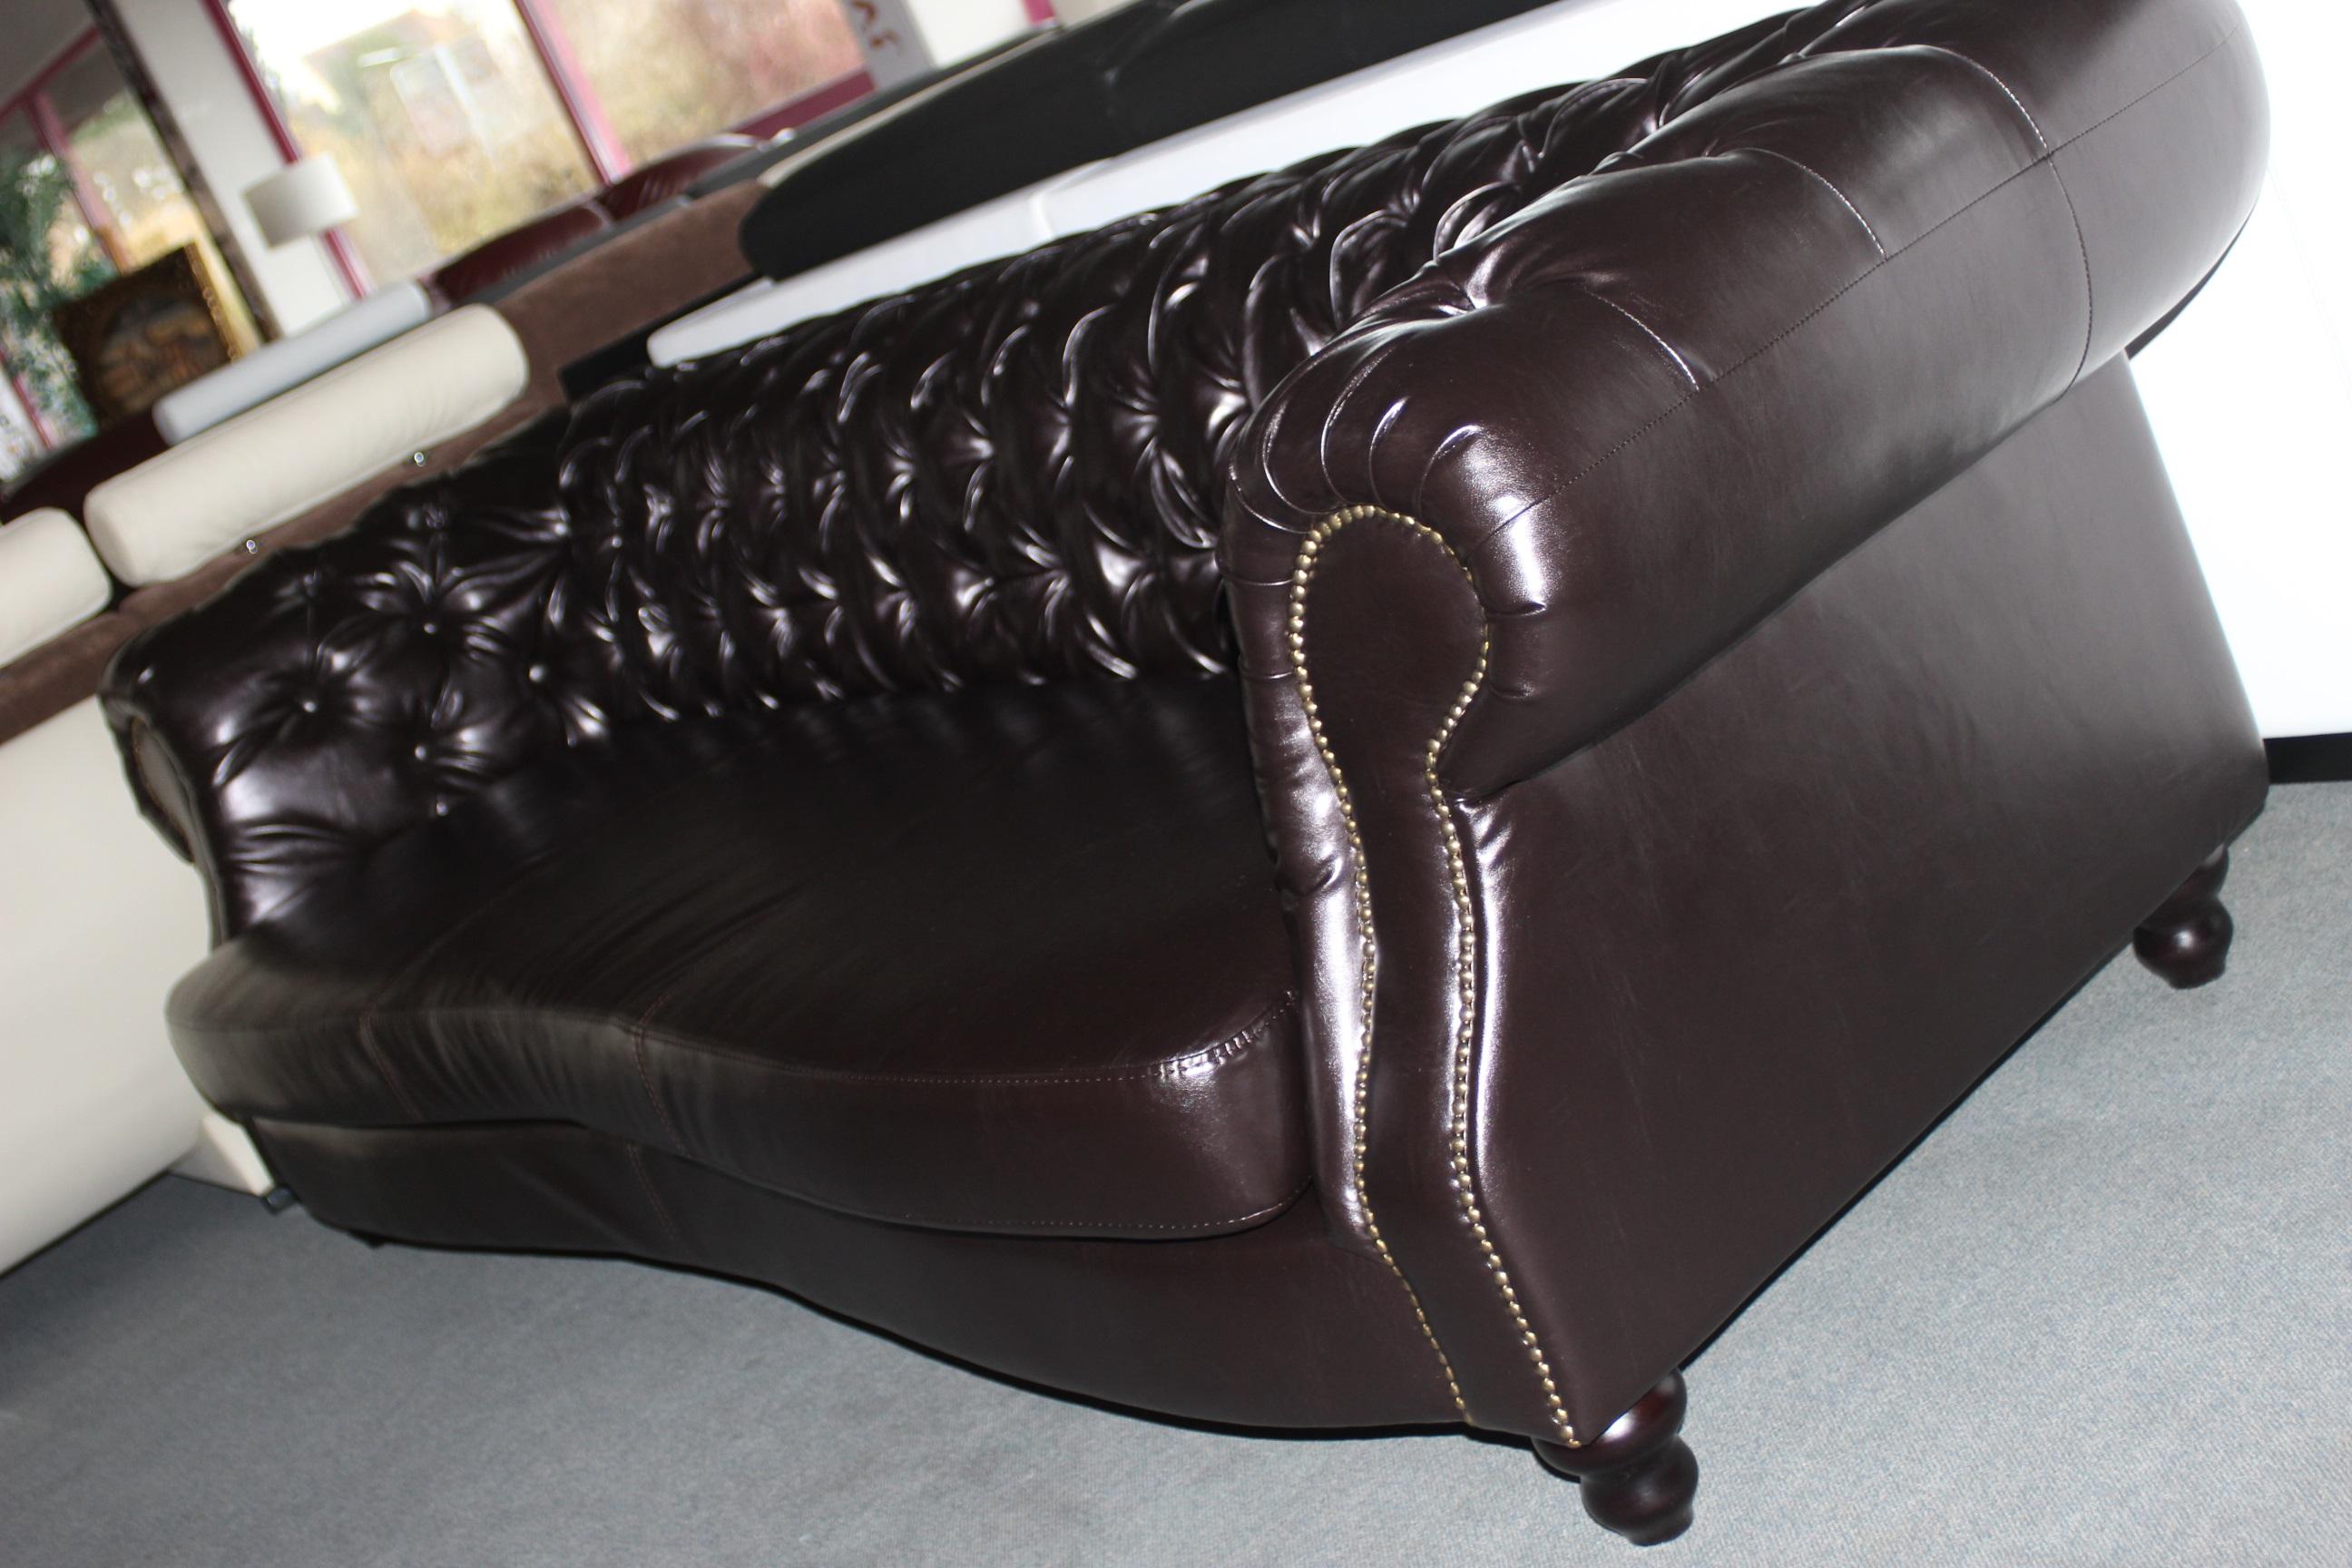 ledersofa xxl big sofa vintage 2 50 3 0m leder couch design chesterfield luxury ebay. Black Bedroom Furniture Sets. Home Design Ideas